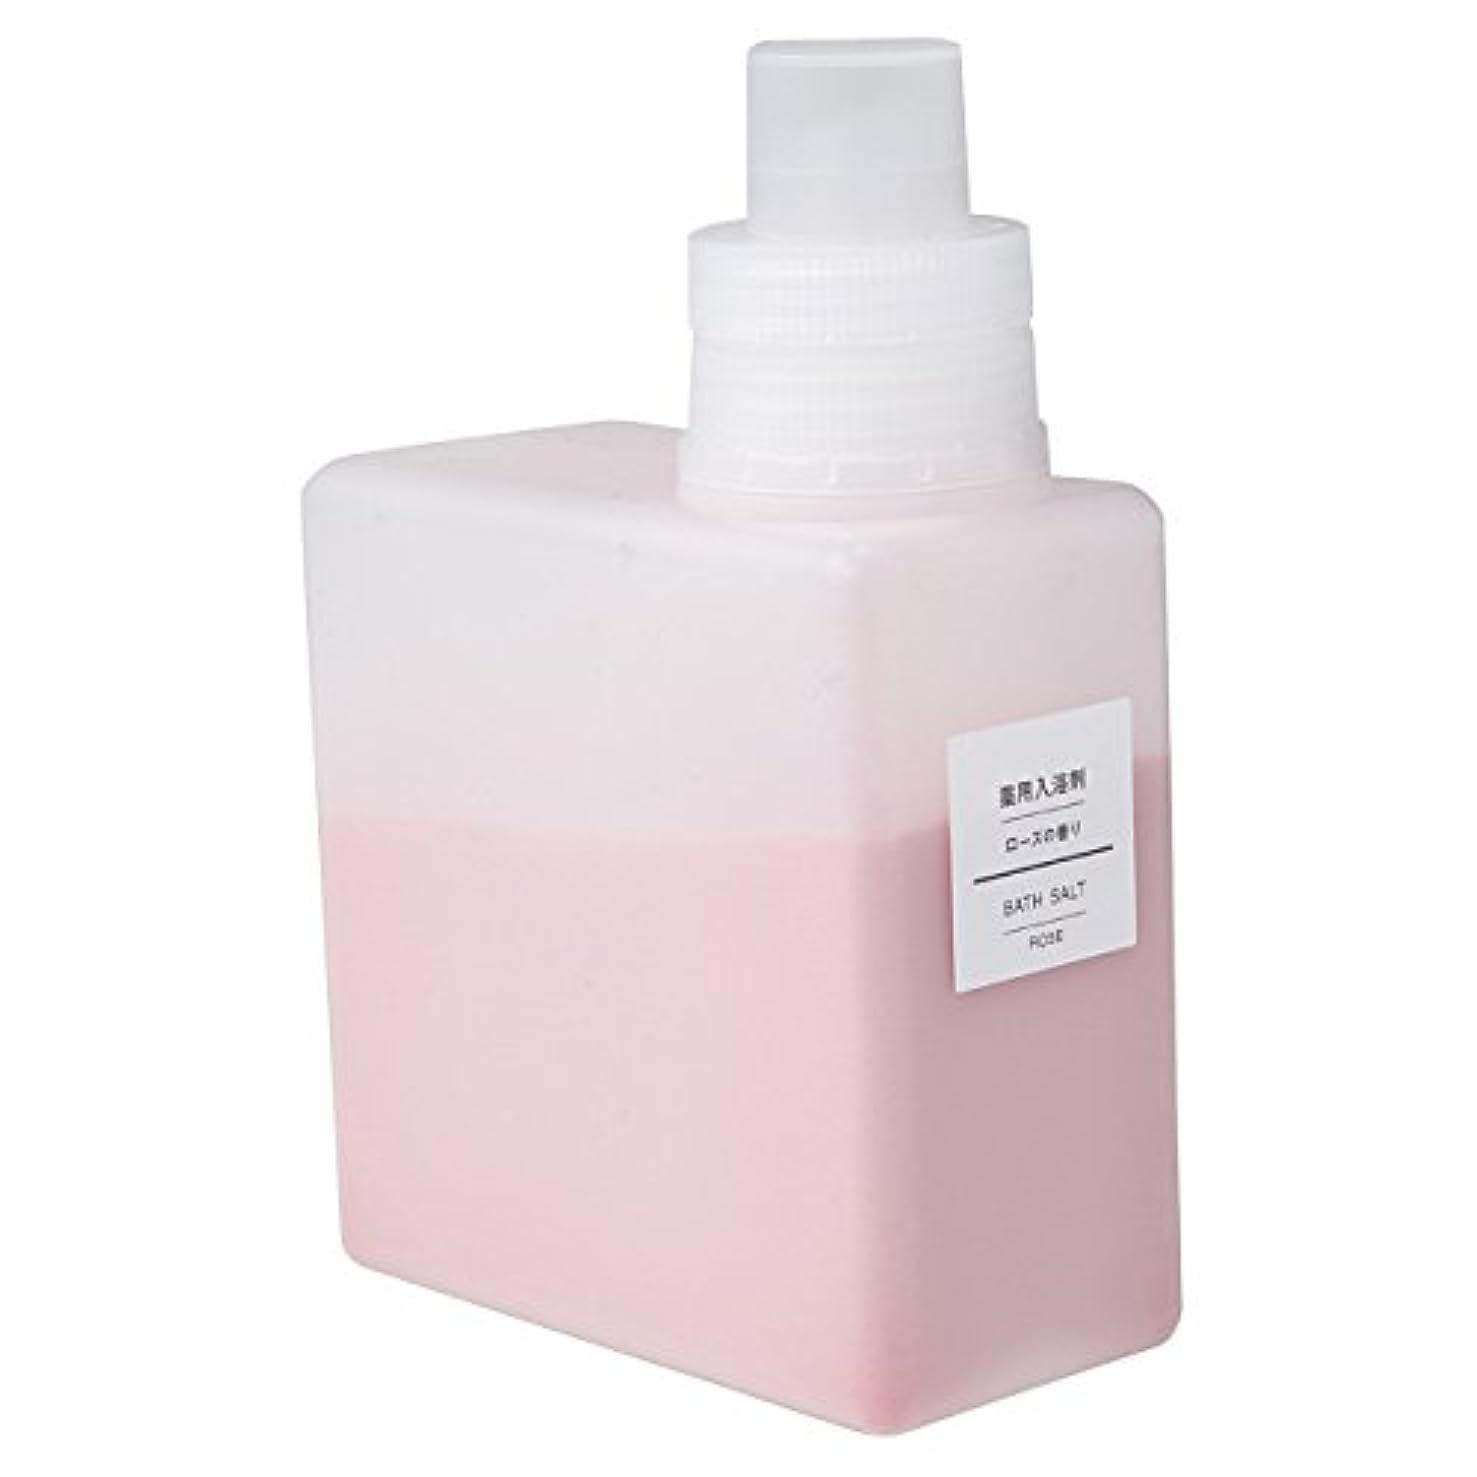 複雑な枯渇する磁器無印良品 薬用入浴剤?ローズの香り (新)500g 日本製